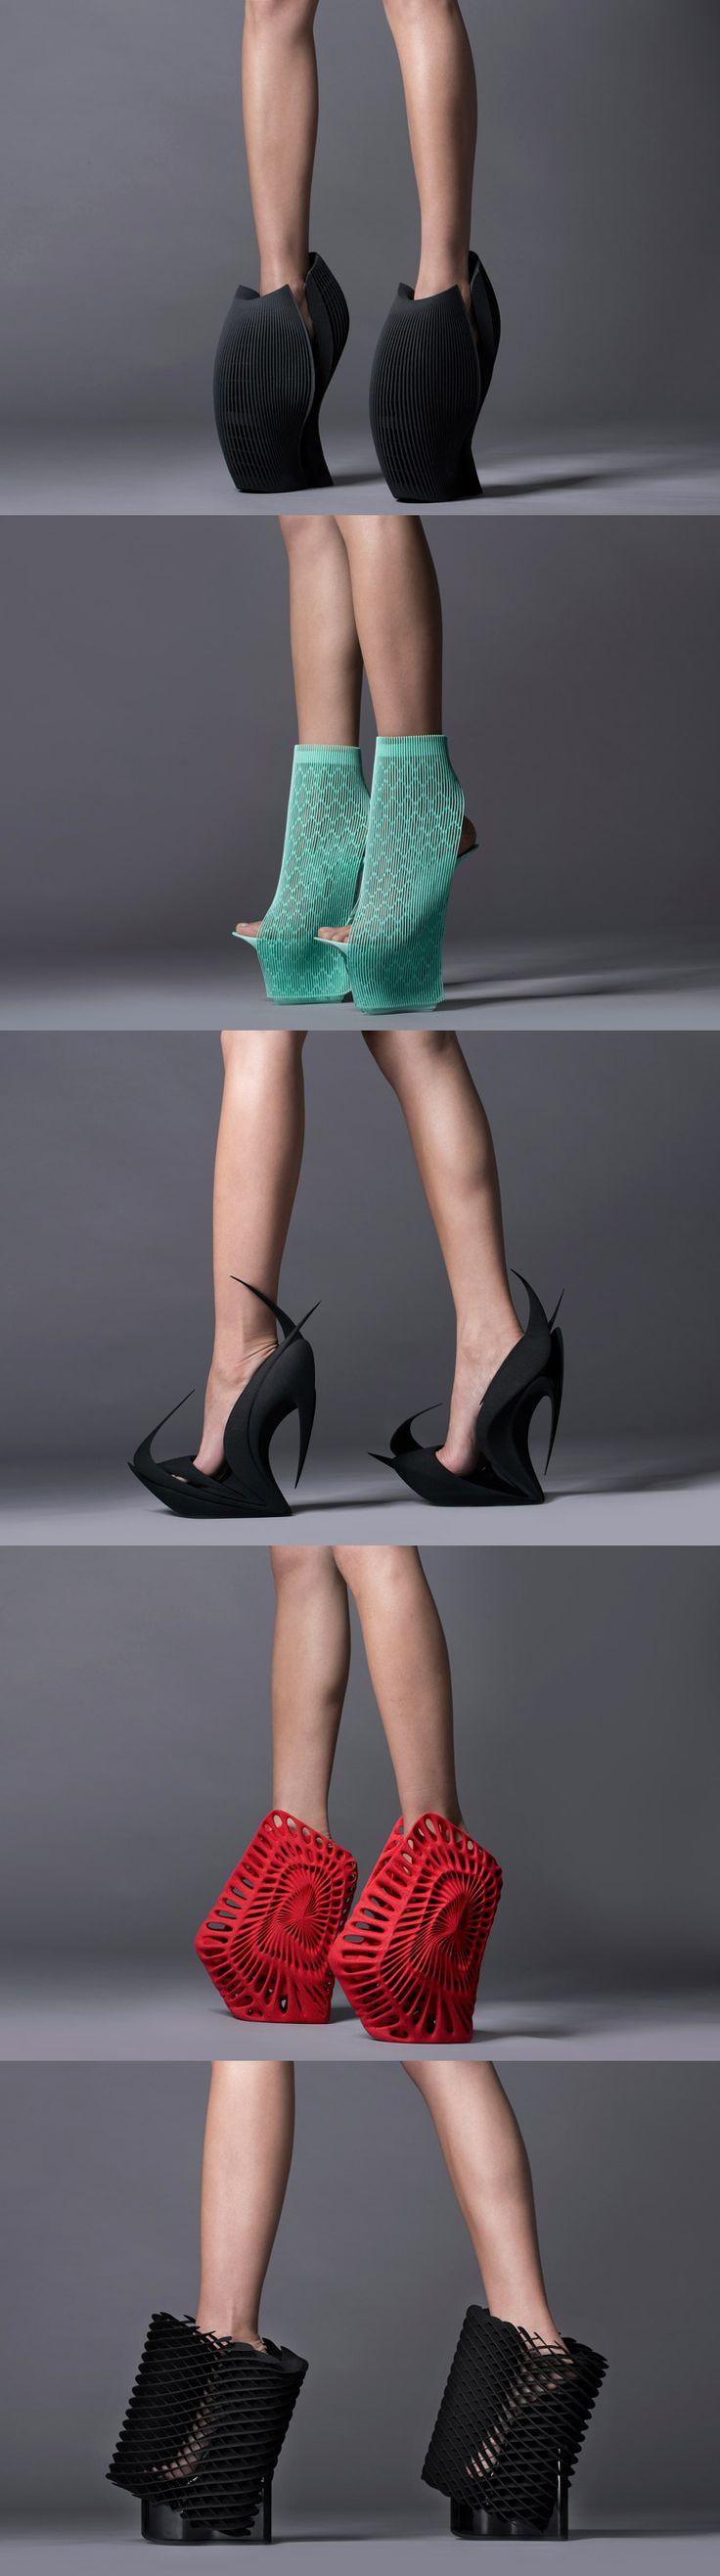 United Nude's 3D printed reinvented shoes designed by (from top) Ben van Berkel…